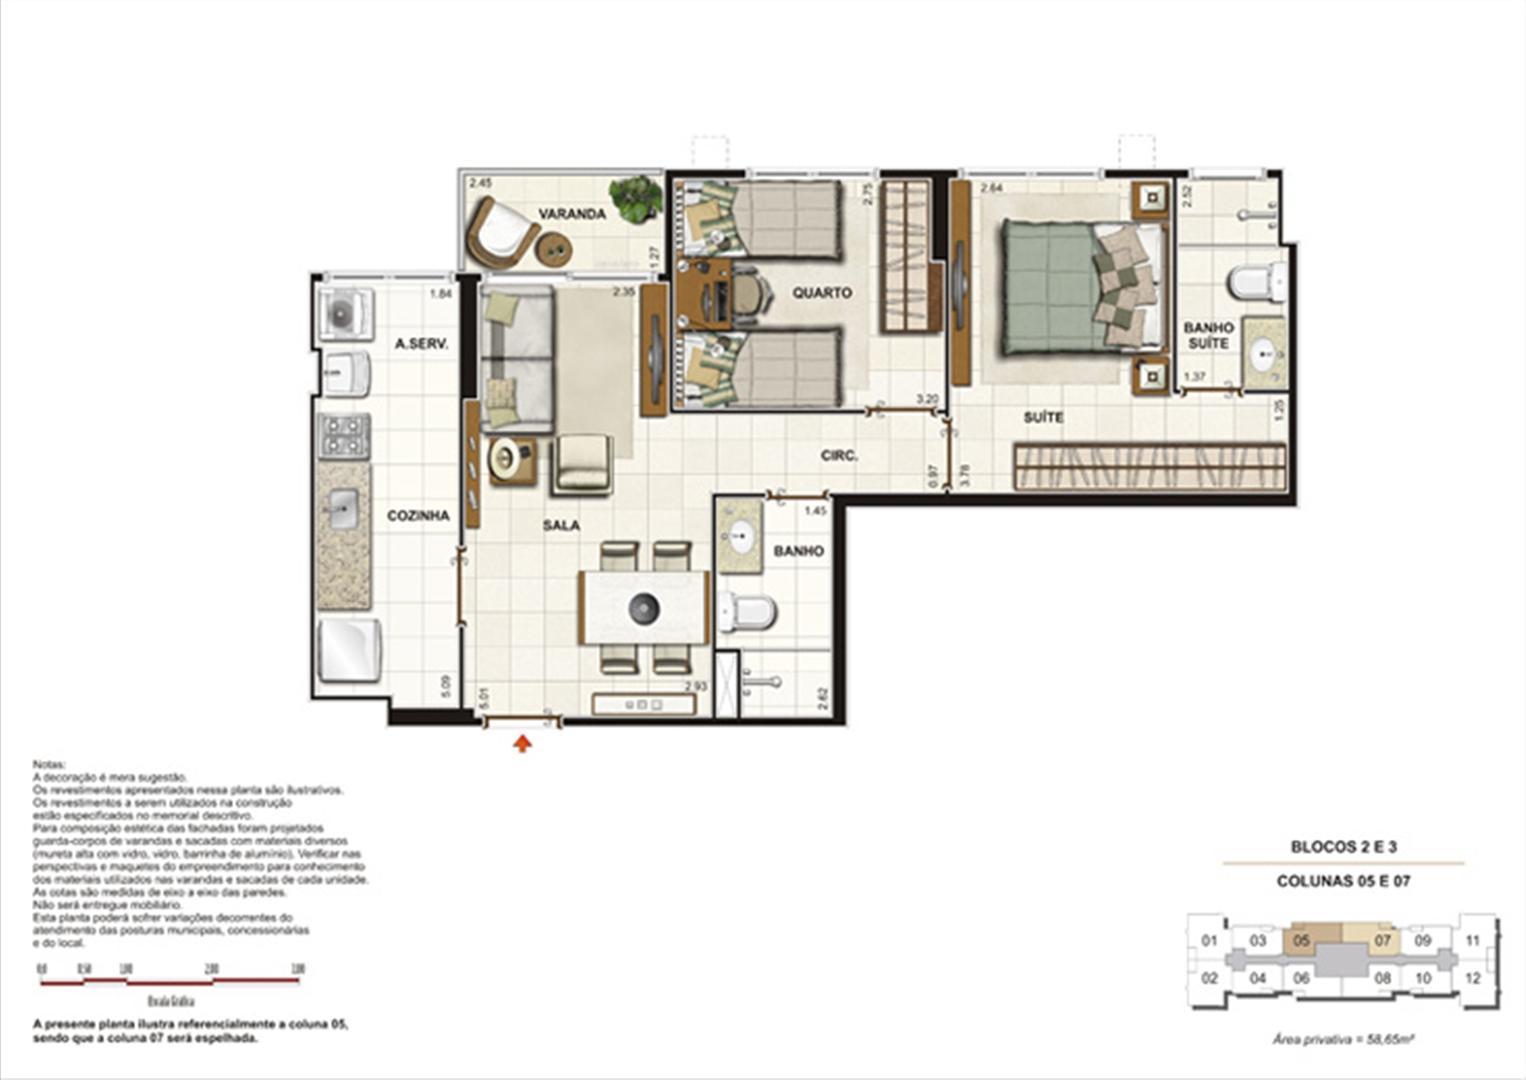 Planta de 2 quartos ( 1 suíte) - 58m² | Splendore Family Club – Apartamento em  Campos - Campos - Rio de Janeiro